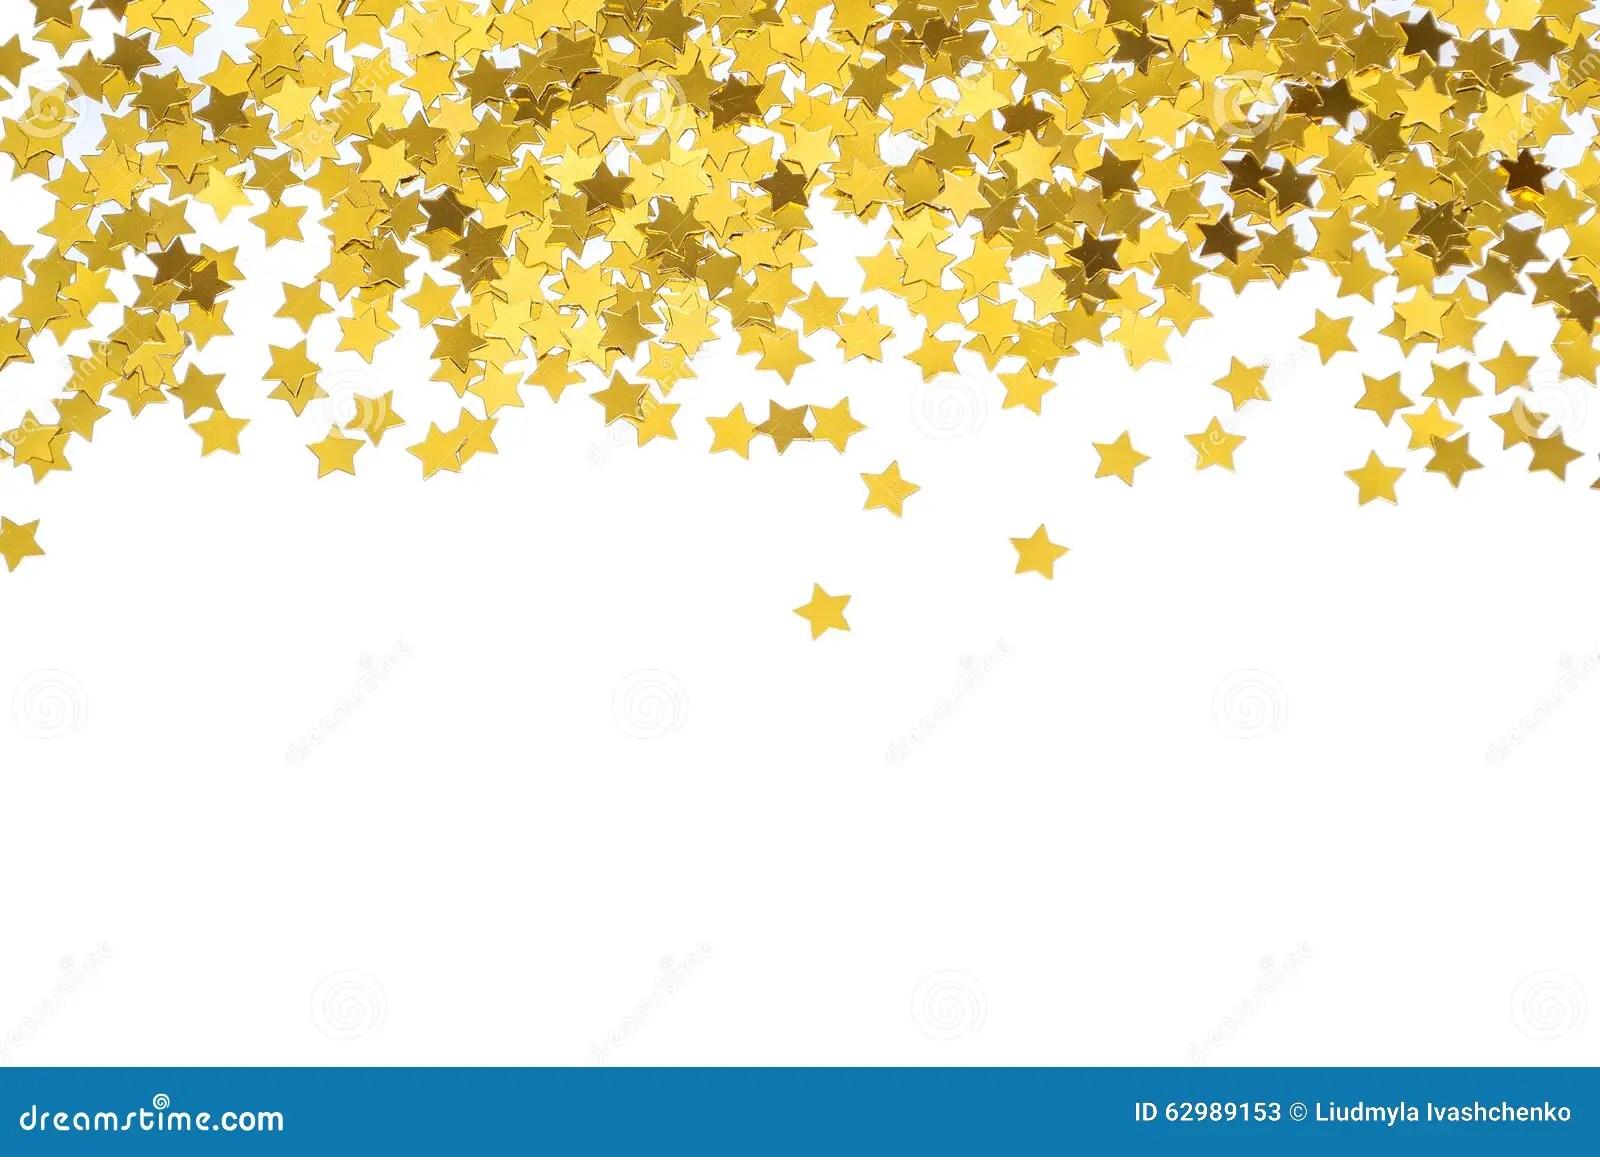 Falling Glitter Wallpaper Foiled Gold Stars Frame With Stars Scattered Stars